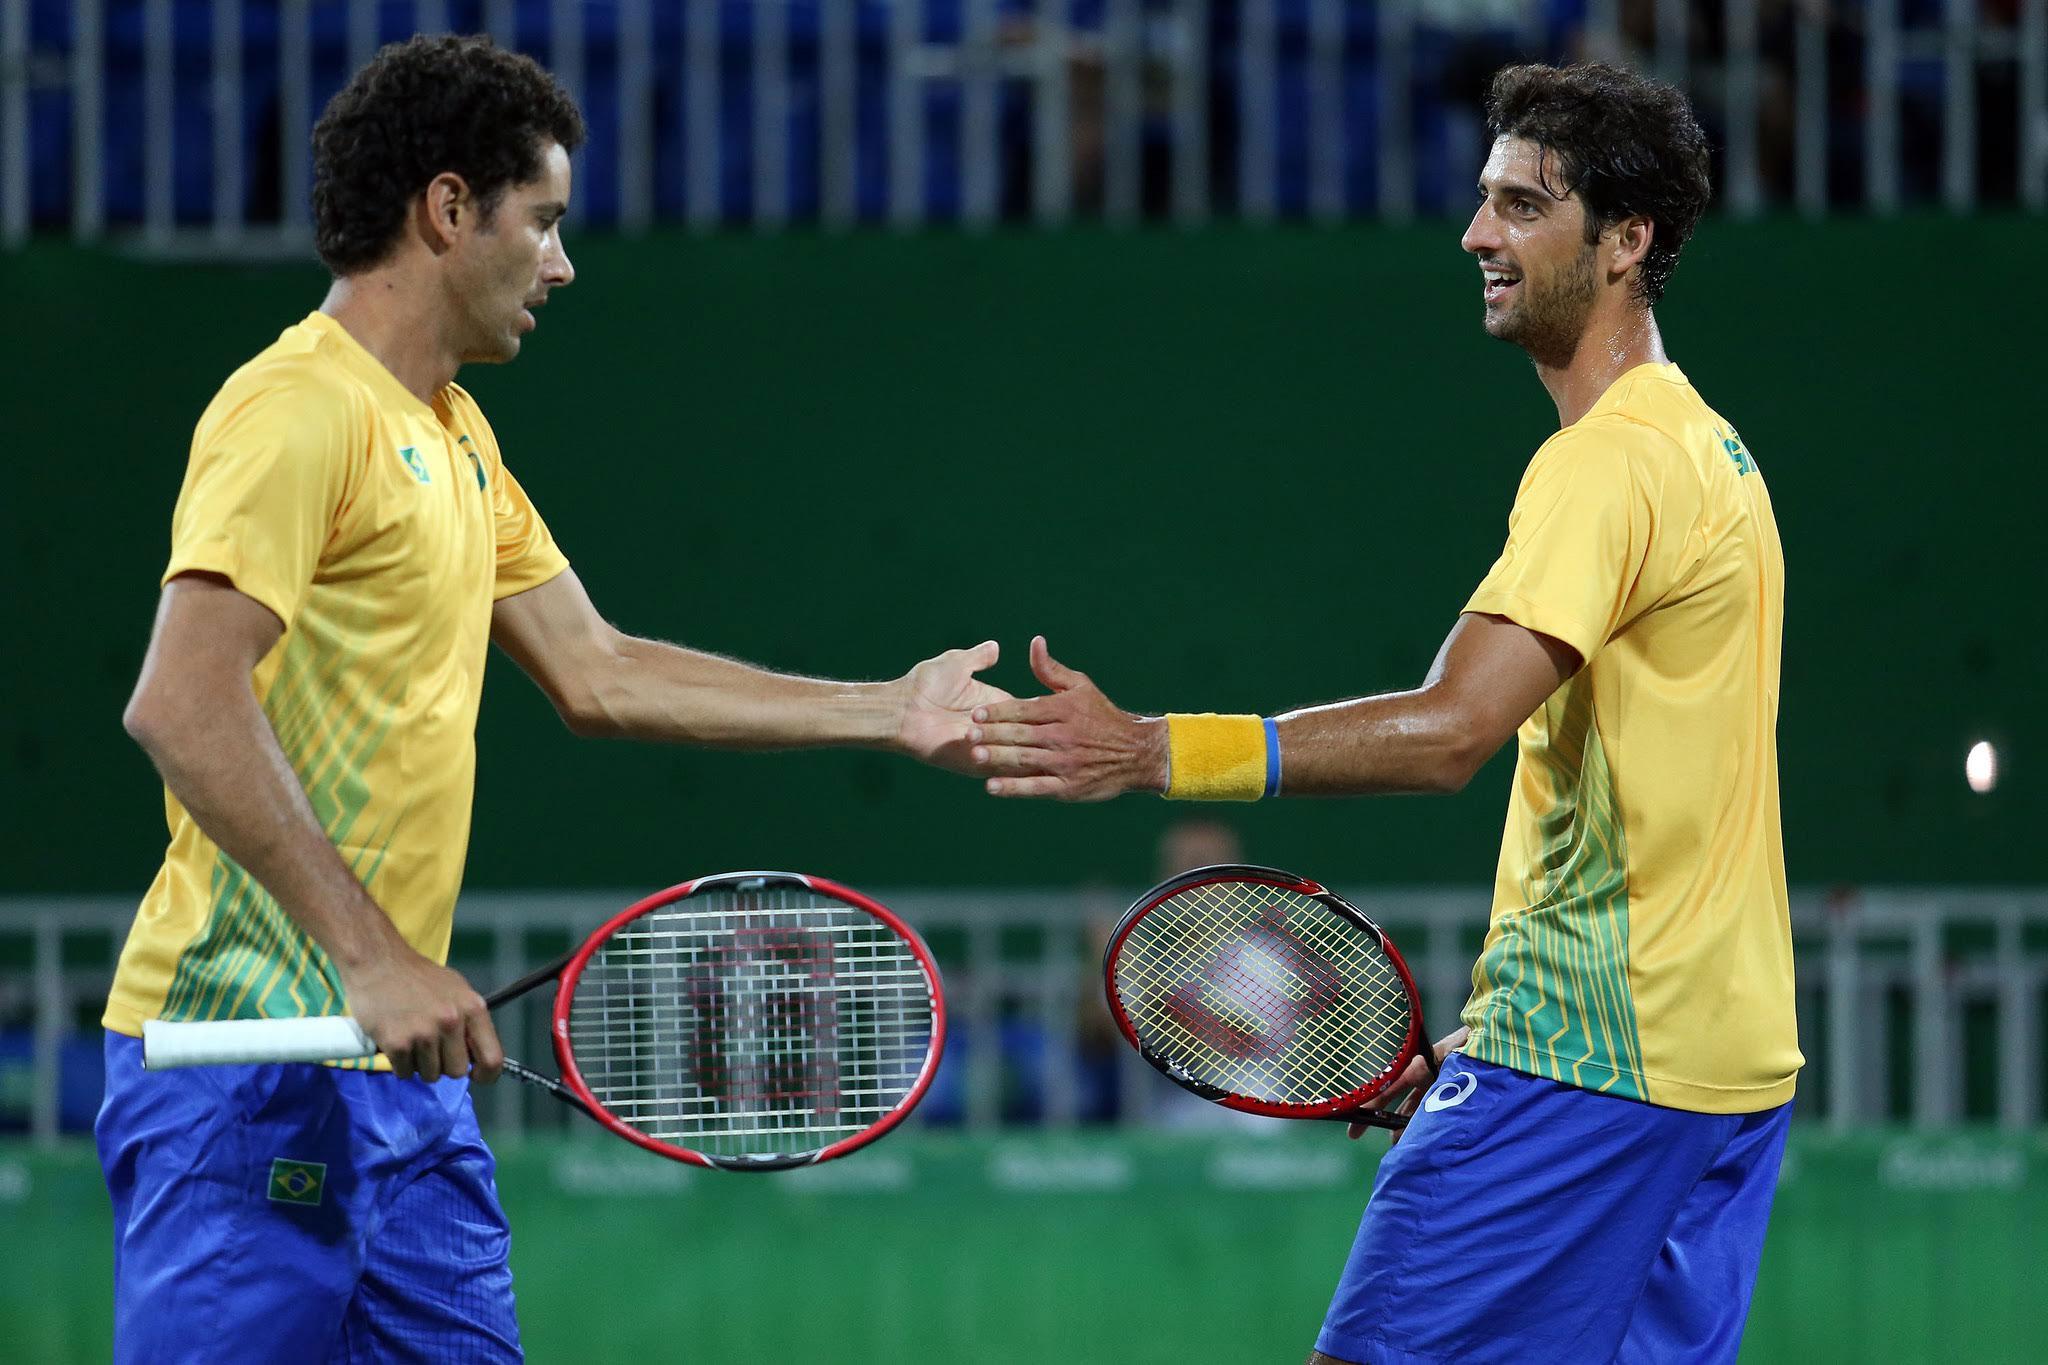 André Sá e Thomaz Bellucci fazem parceria para os próximos torneios